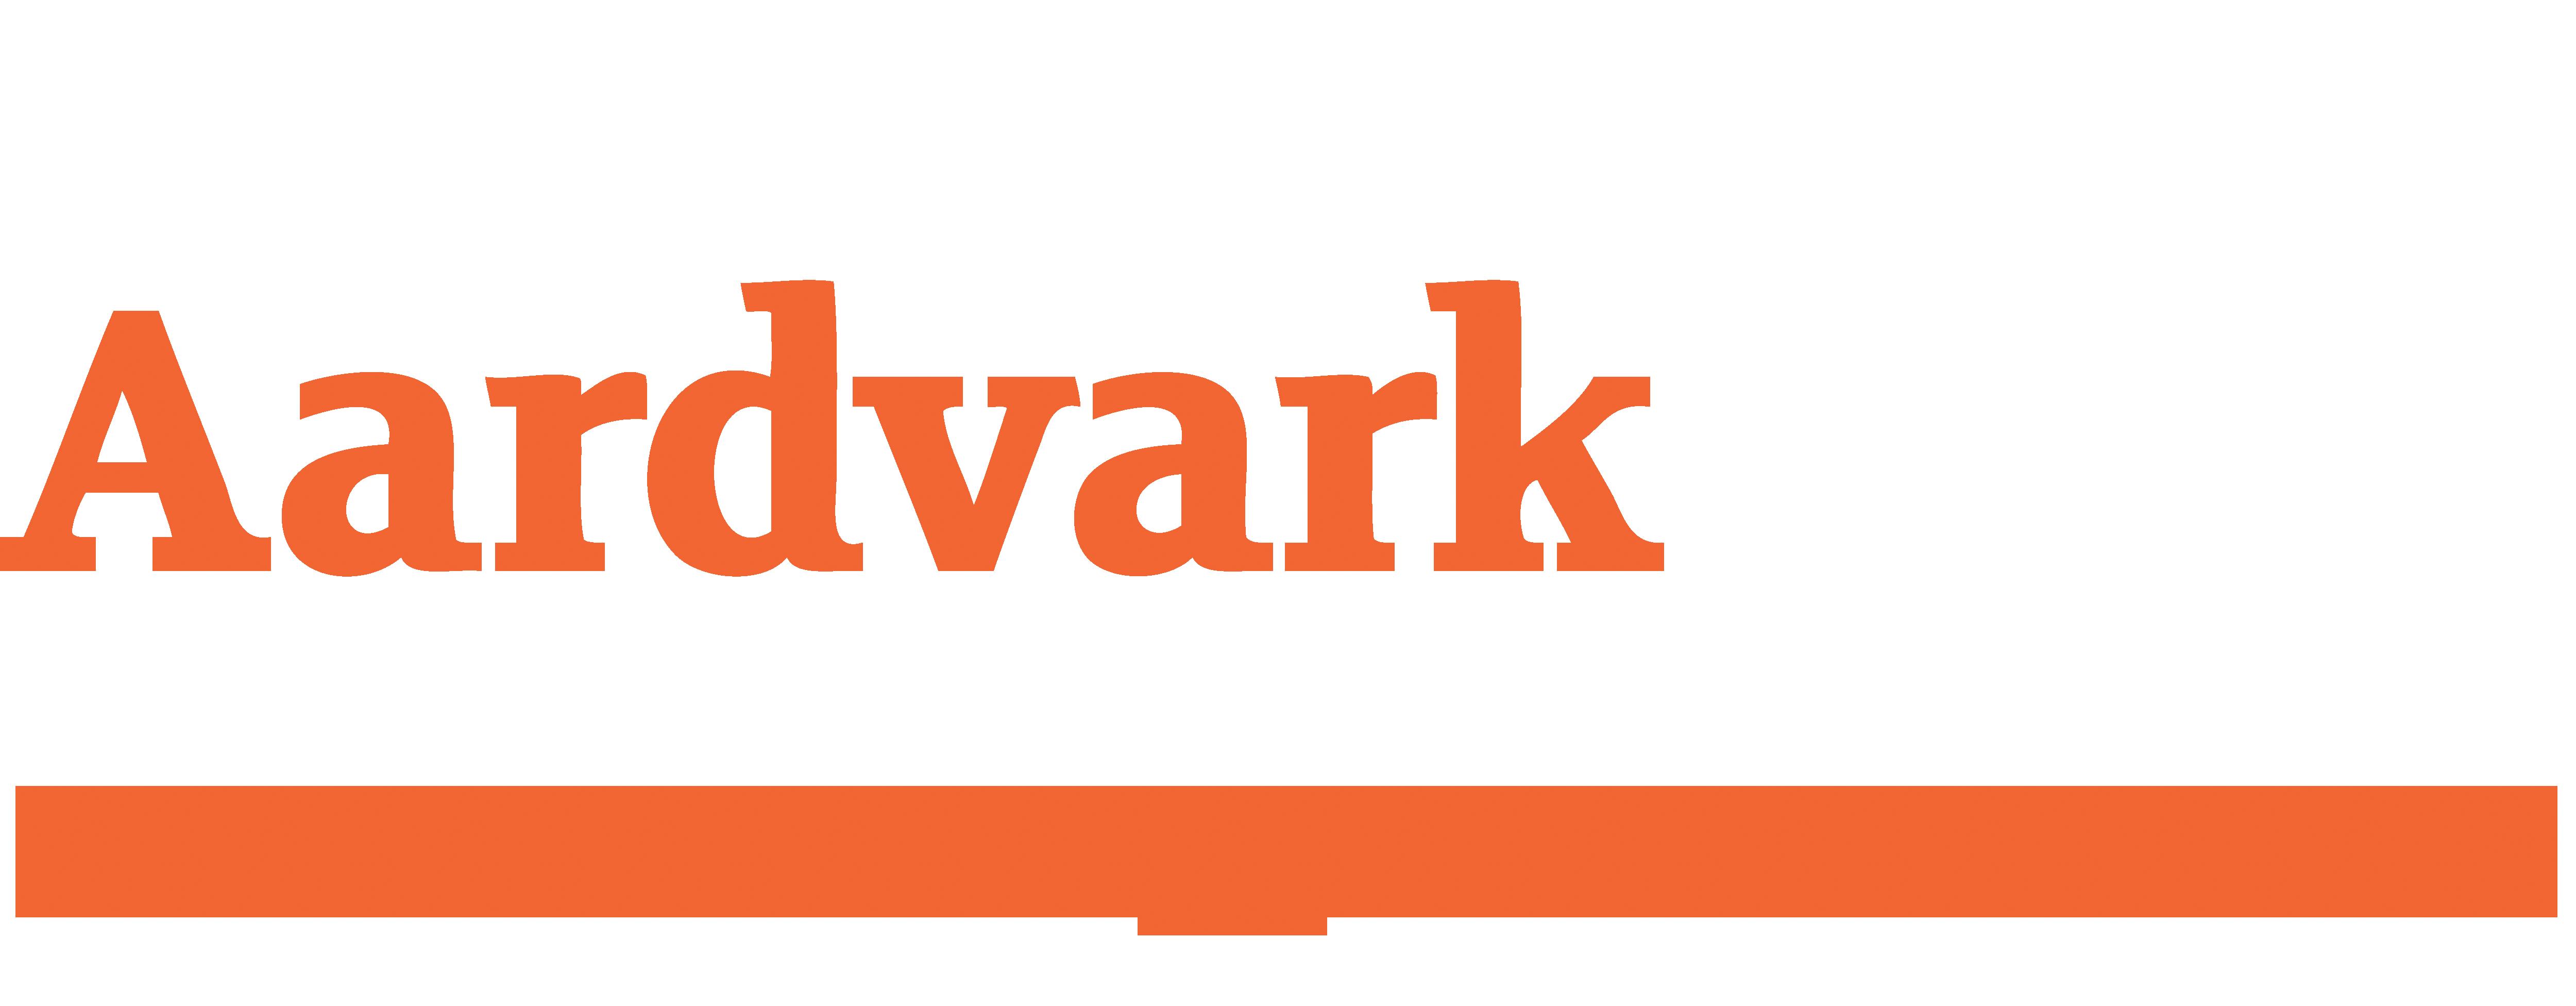 Aardvark Swift